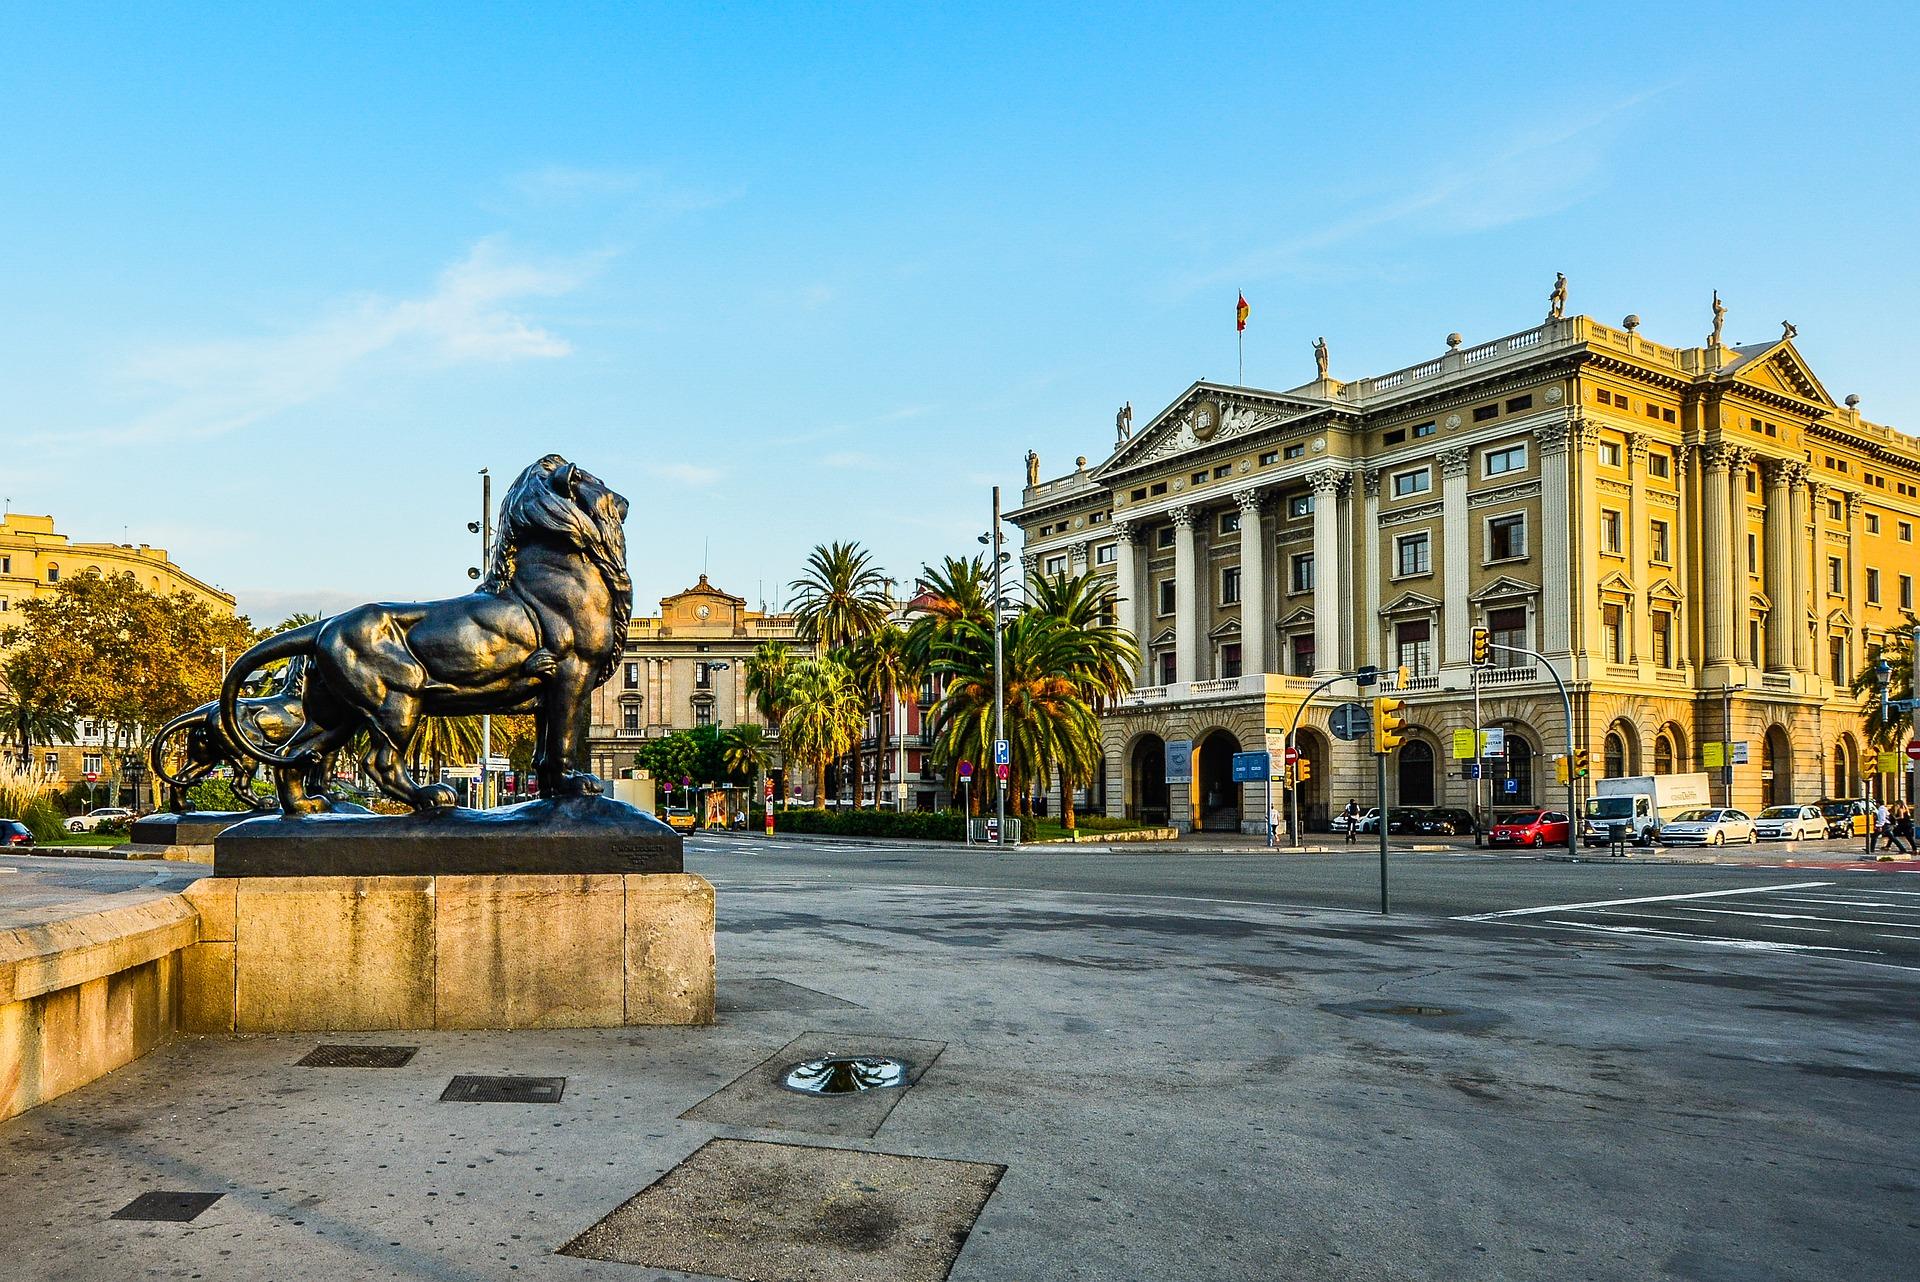 Städtereise nach Barcelona Sehenswürdigkeiten vom Sagrada Famila bis zum Parc Güell- Weltkulturerbe